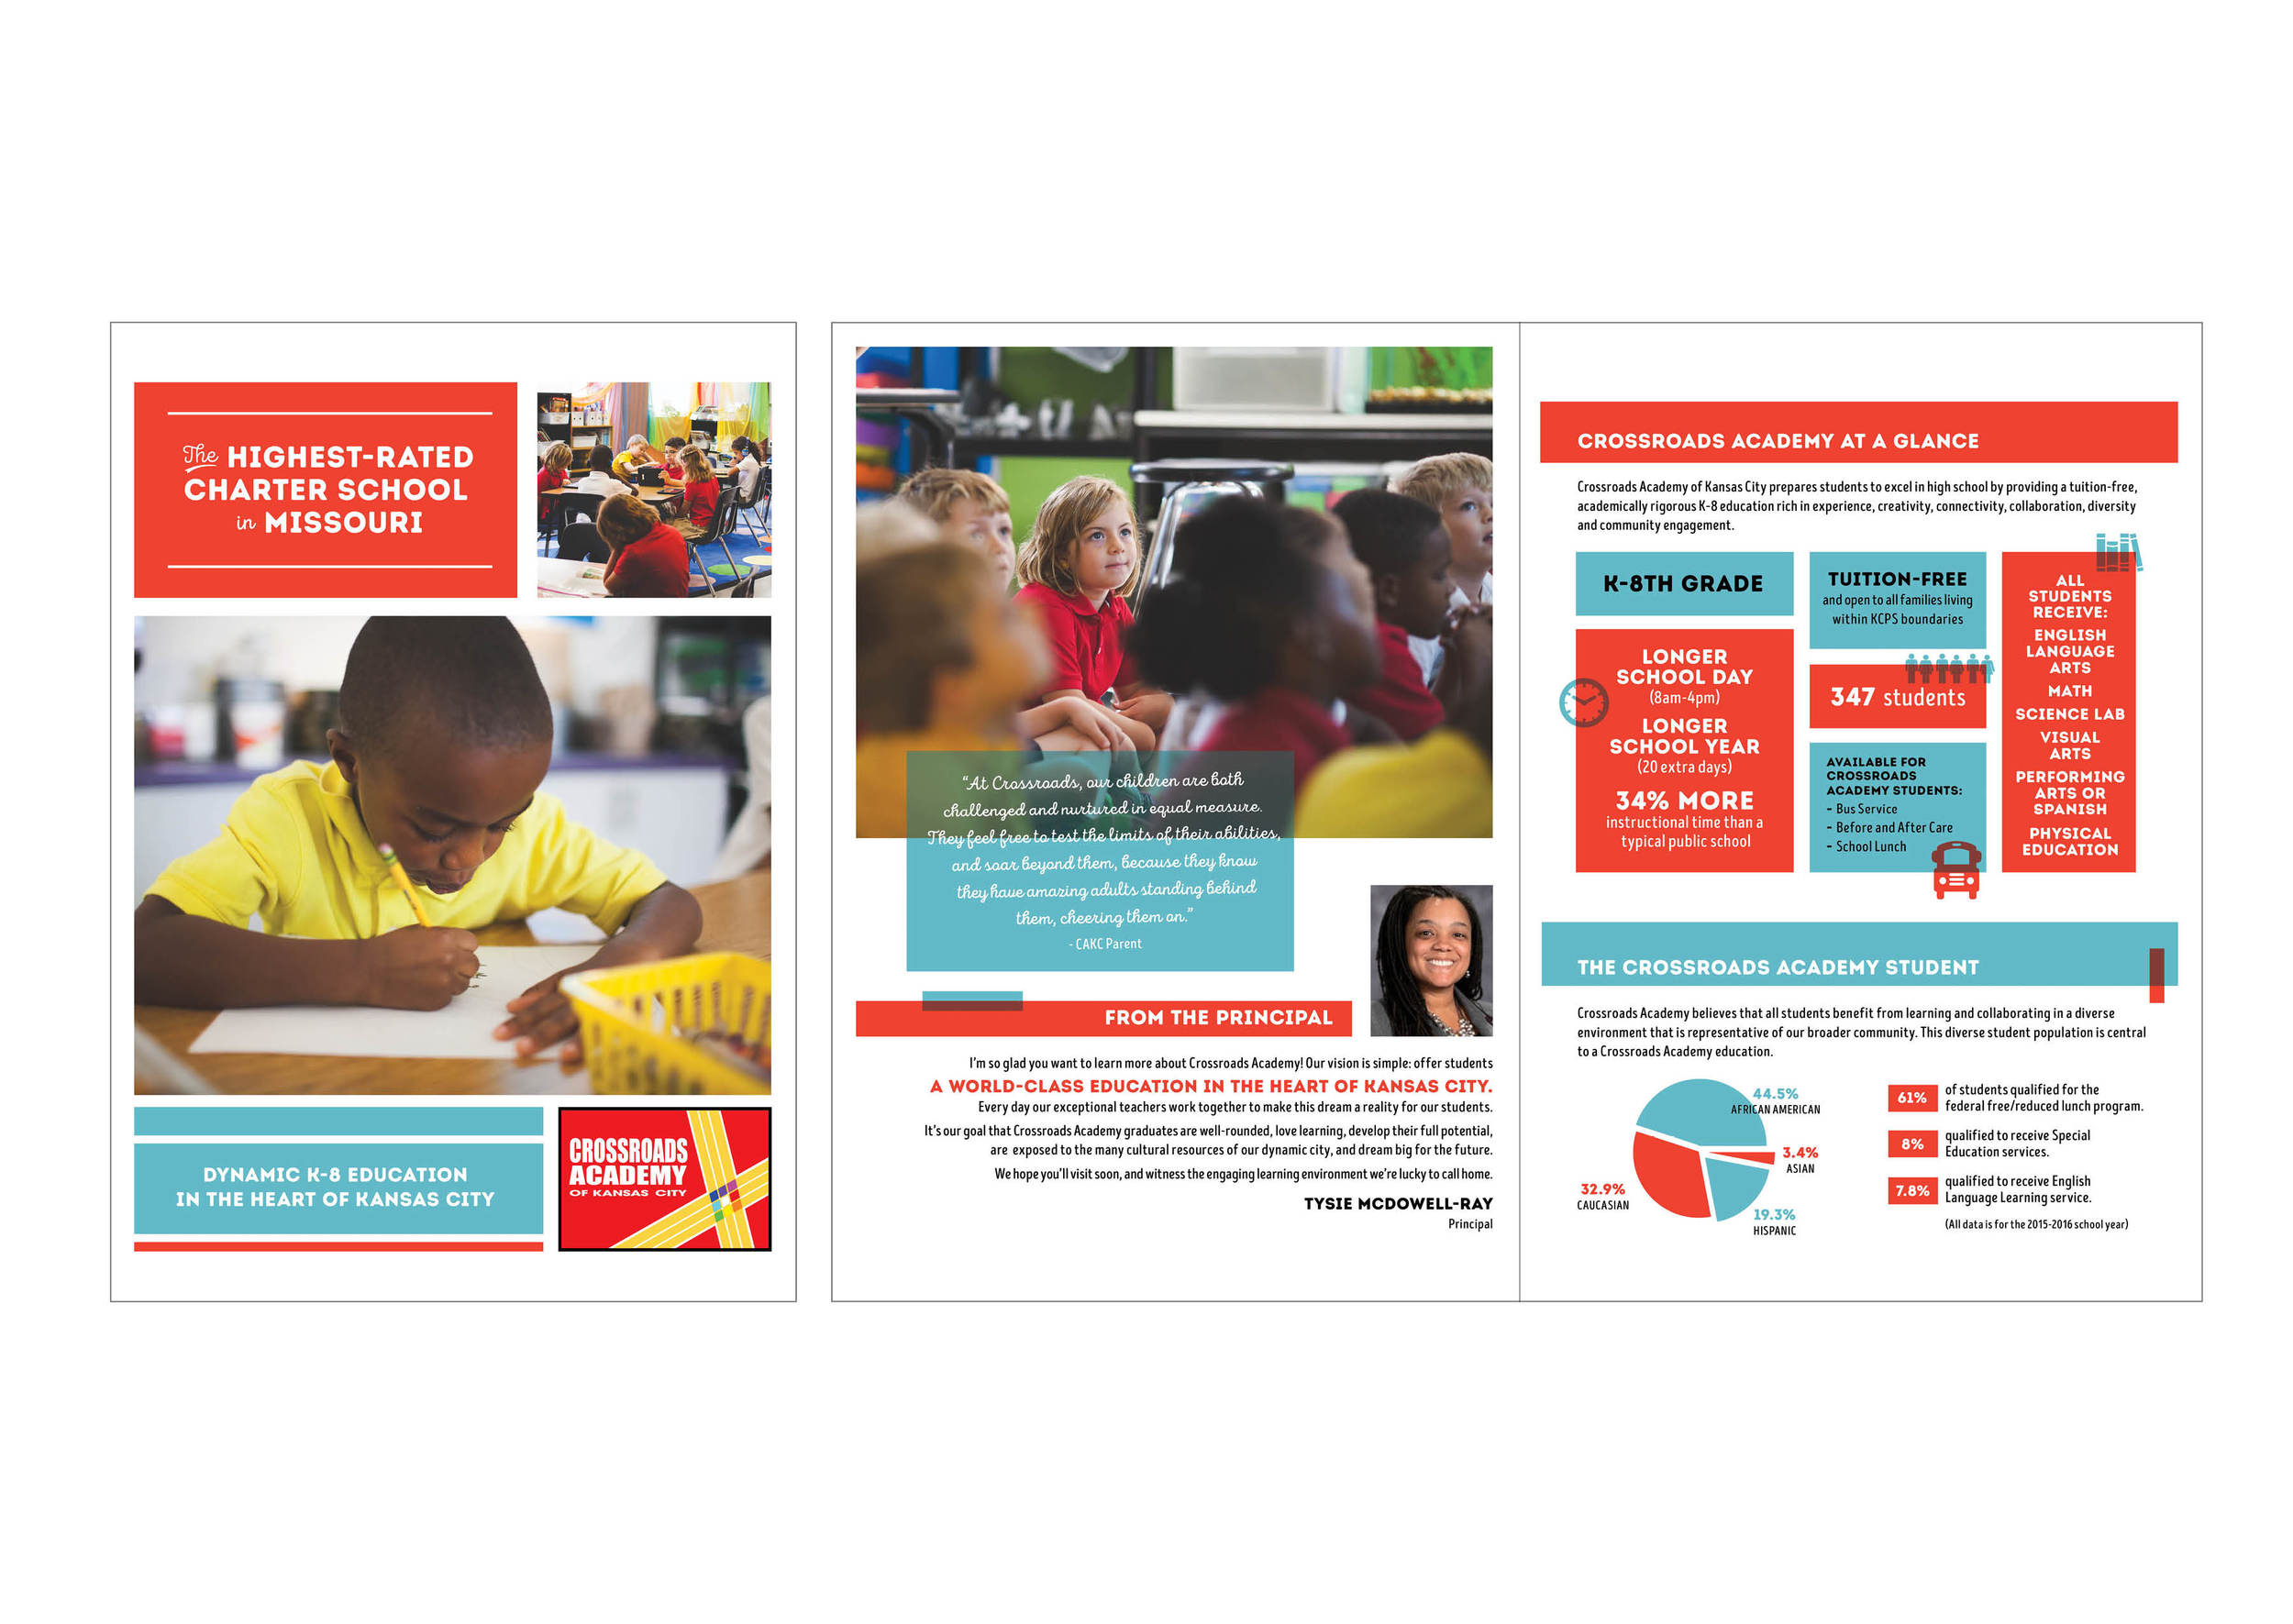 Kansas City Crossroads Academy Brochure | tashvock.com